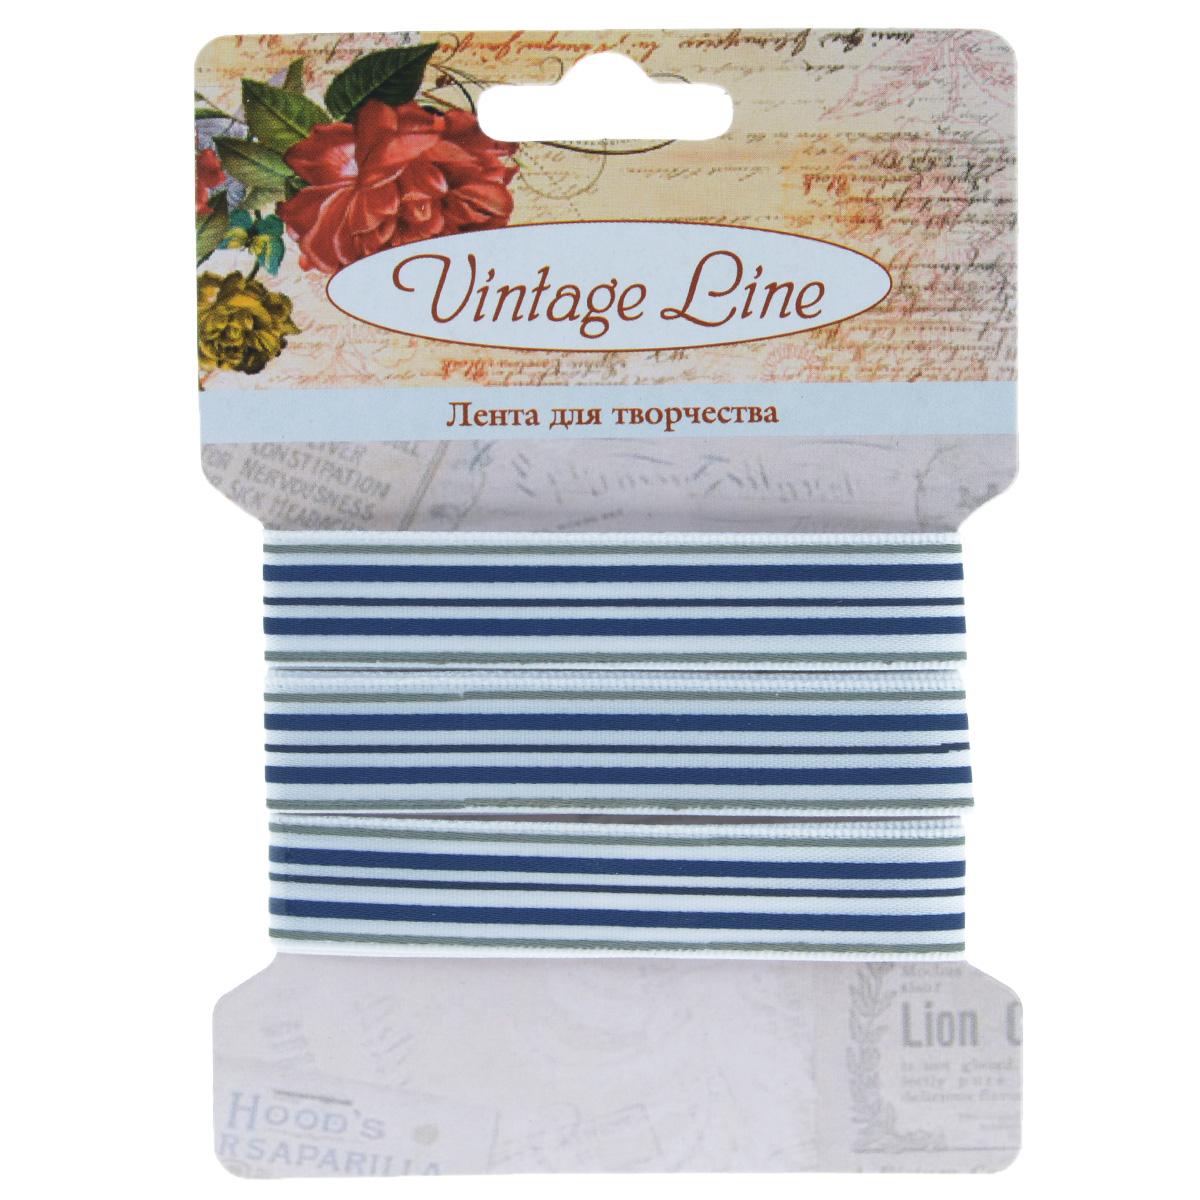 Лента декоративная Vintage Line, цвет: белый, синий, ширина 1,2 см, длина 1 м. 770930855052Декоративная лента Vintage Line выполнена из текстиля и оформлена принтом в полоску. Такая лента идеально подойдет для оформления различных творческих работ таких, как скрапбукинг, аппликация, декор коробок и открыток и многое другое. Лента наивысшего качества практична в использовании. Она станет незаменимым элементом в создании рукотворного шедевра. Ширина: 1,2 см.Длина: 1 м.